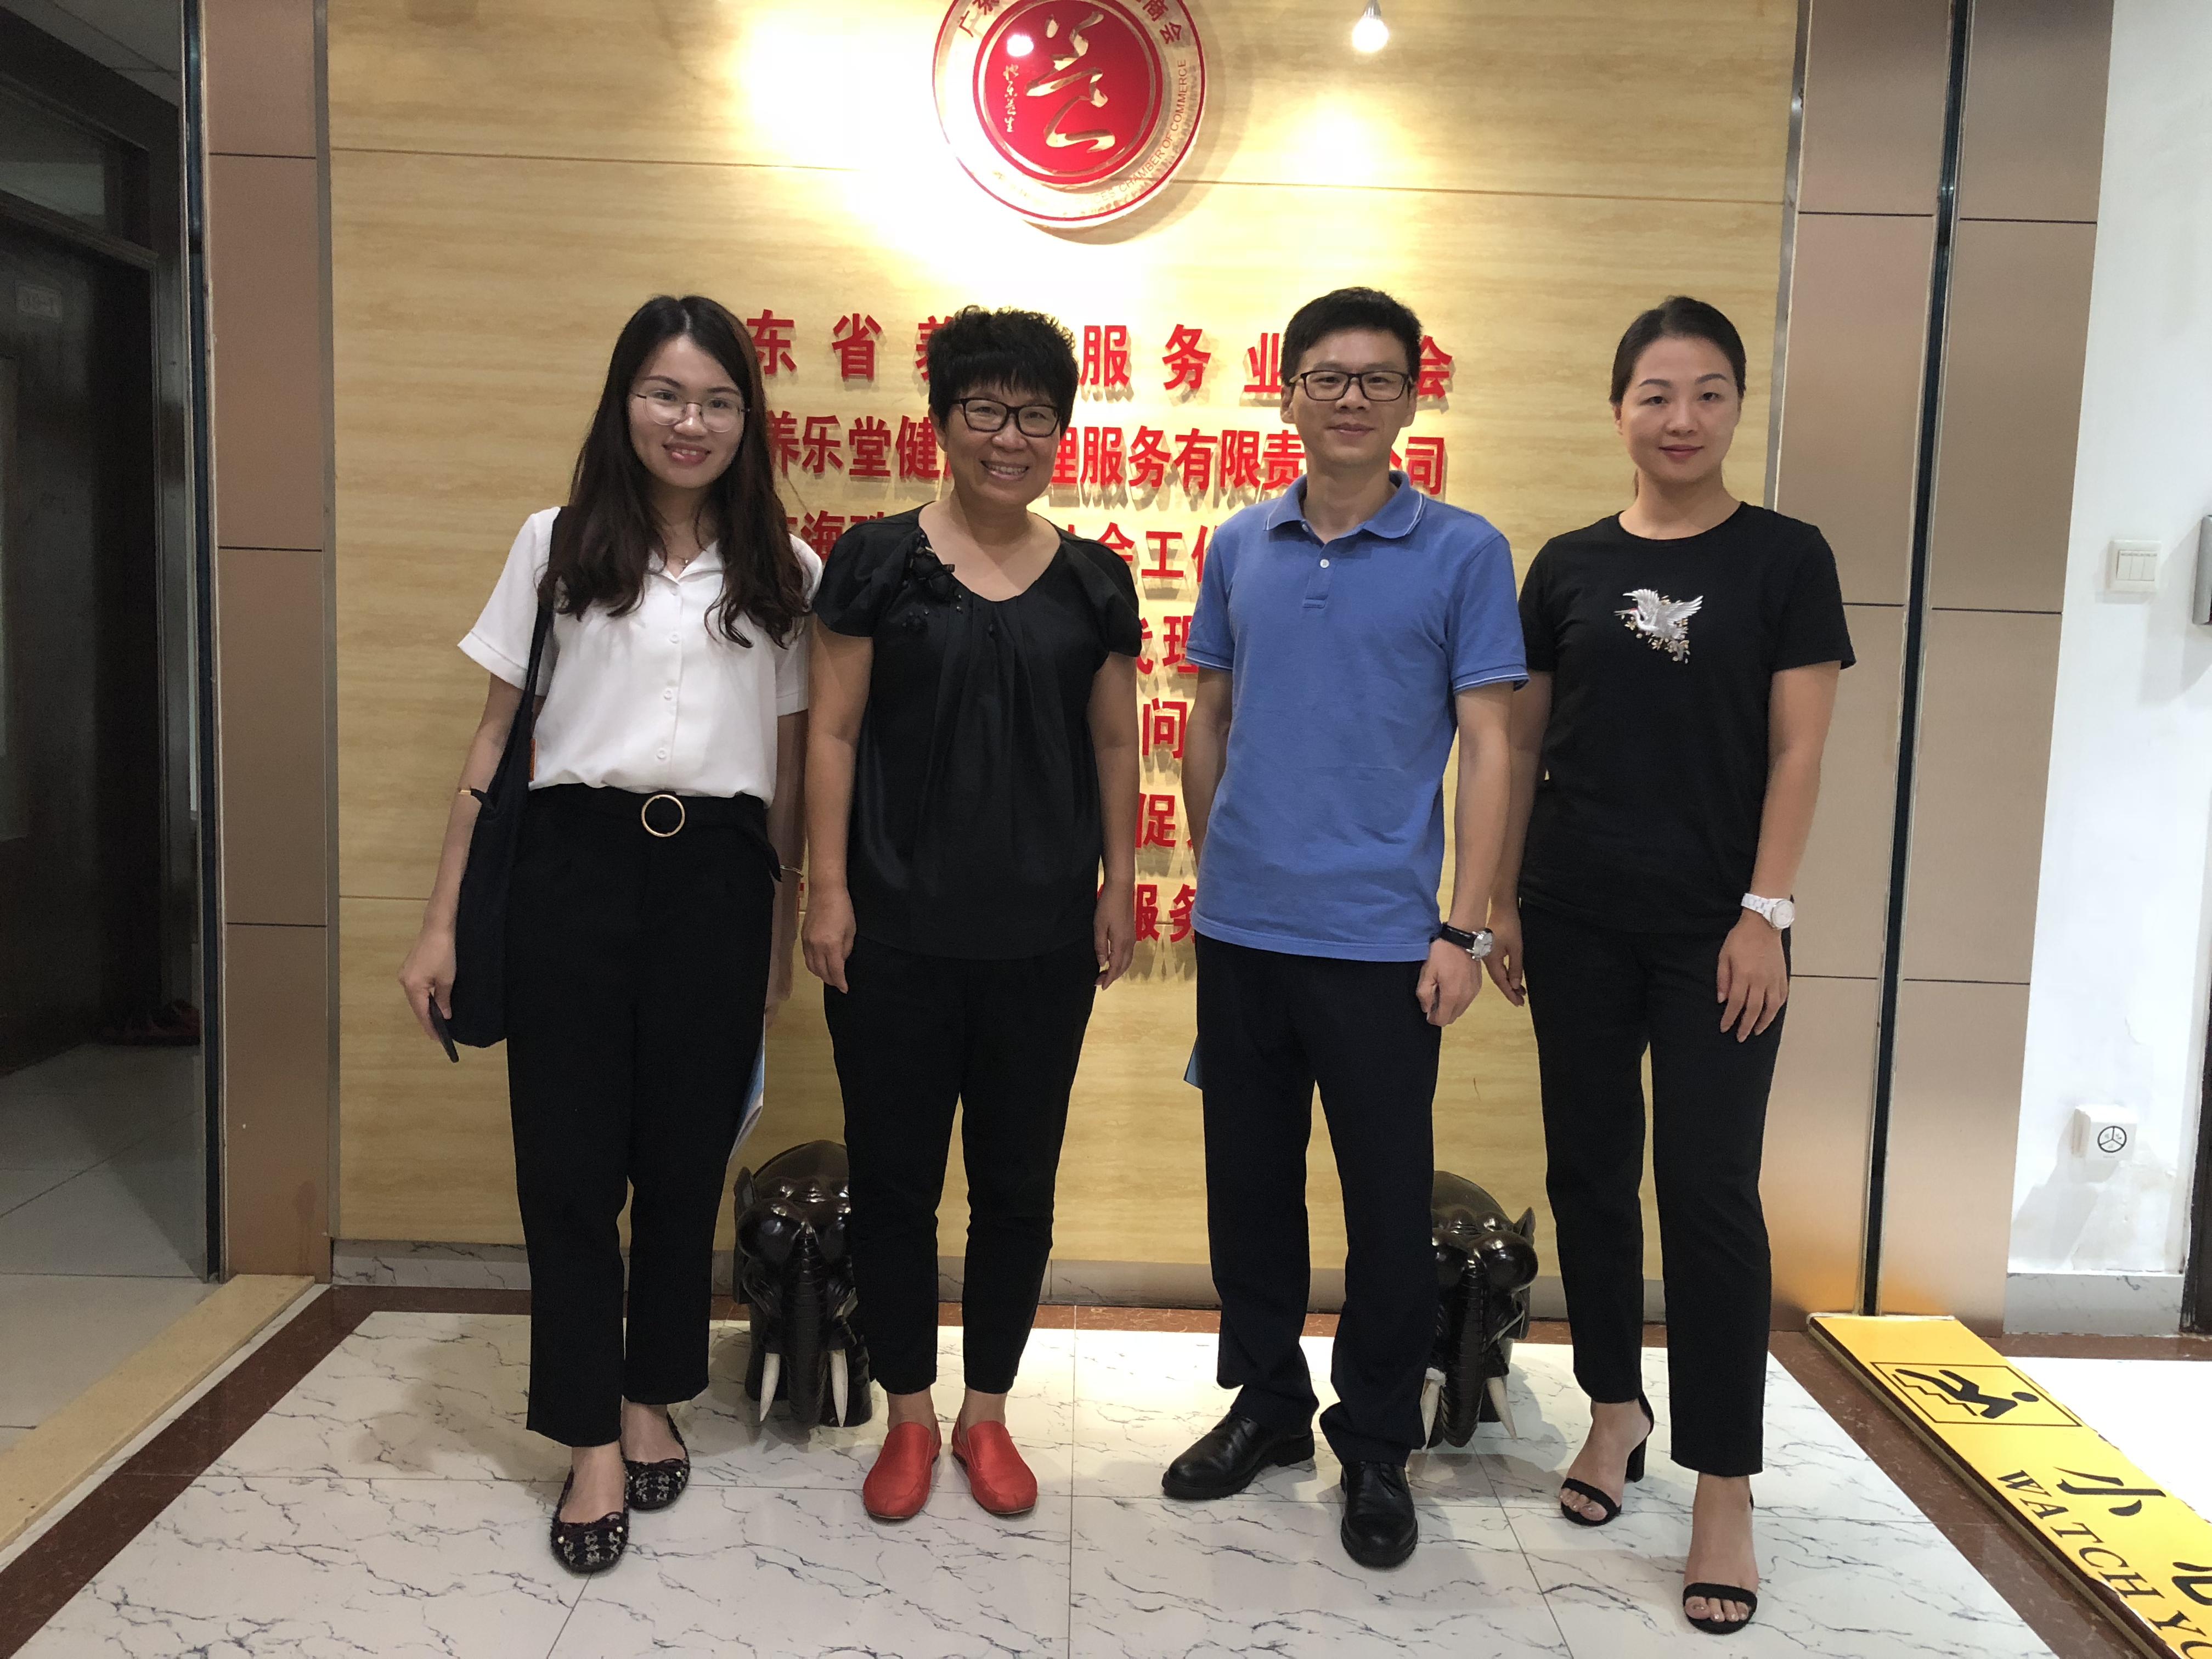 【商会动态】广州市广百展贸股份有限公司来访商会